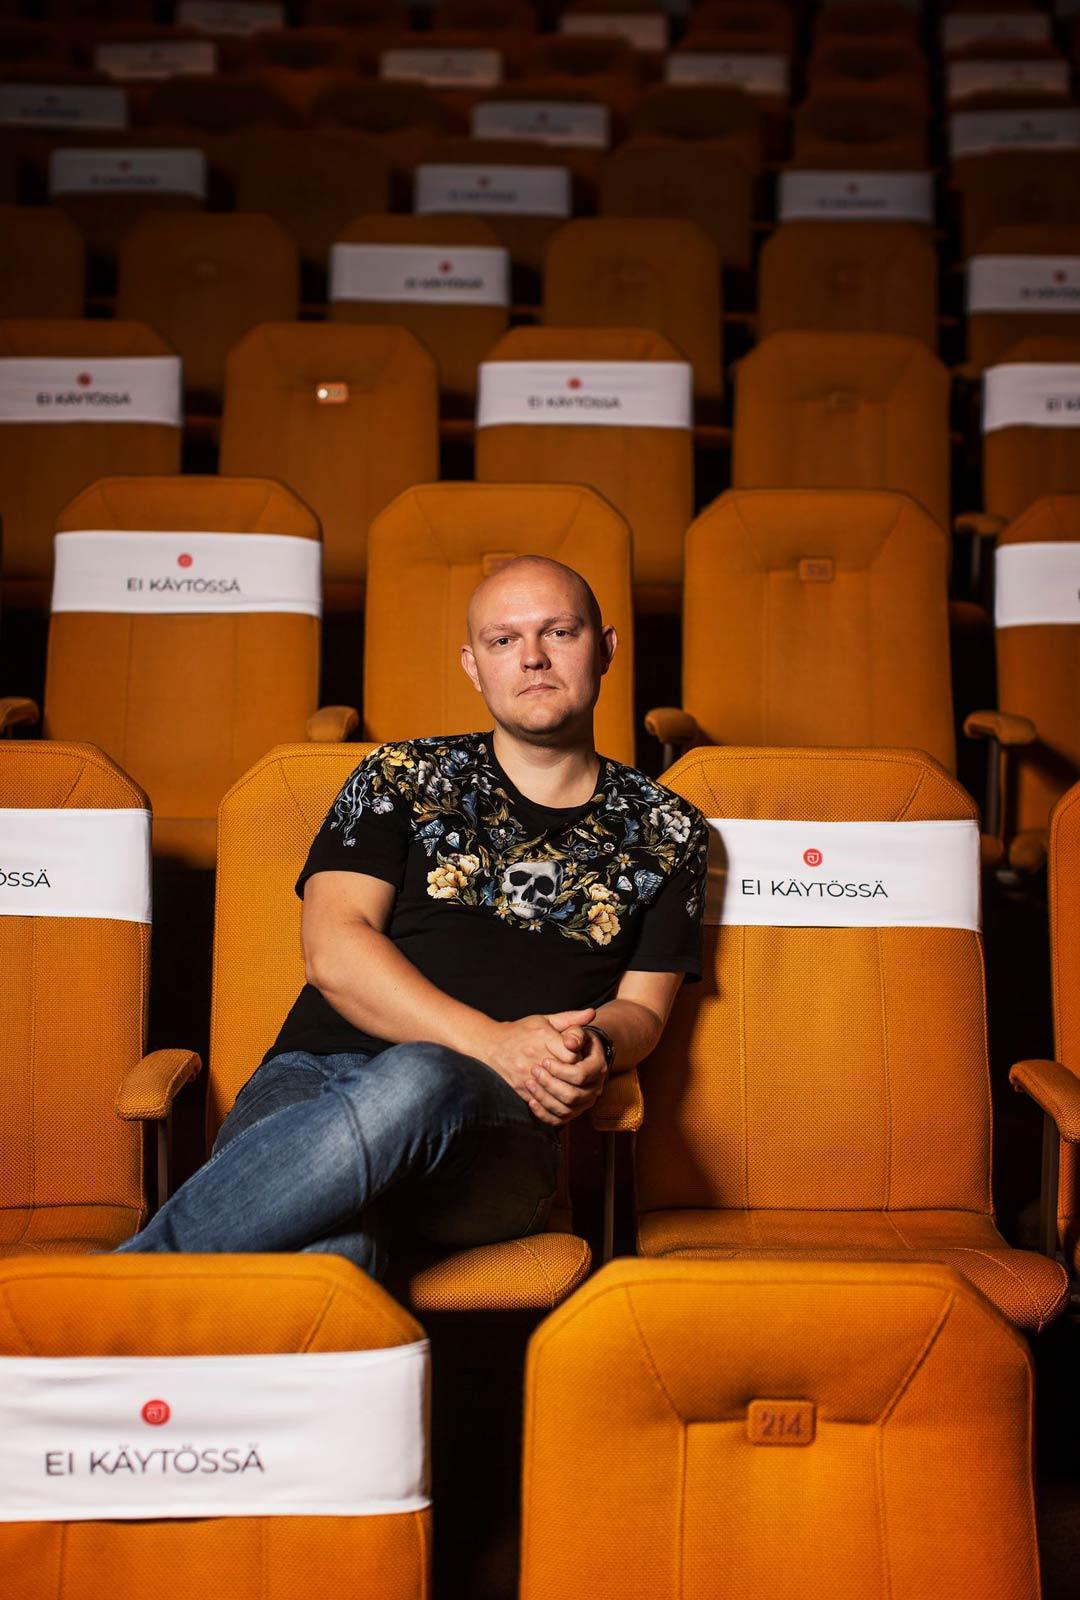 Korona on koetellut myös henkilökohtaisesti ohjaaja Samuel Harjannetta, joka asuu Tanskassa, mutta työskentelee pääosin Suomessa. Reissaaminen kotiin on onnistunut korona-aikana vain kerran.